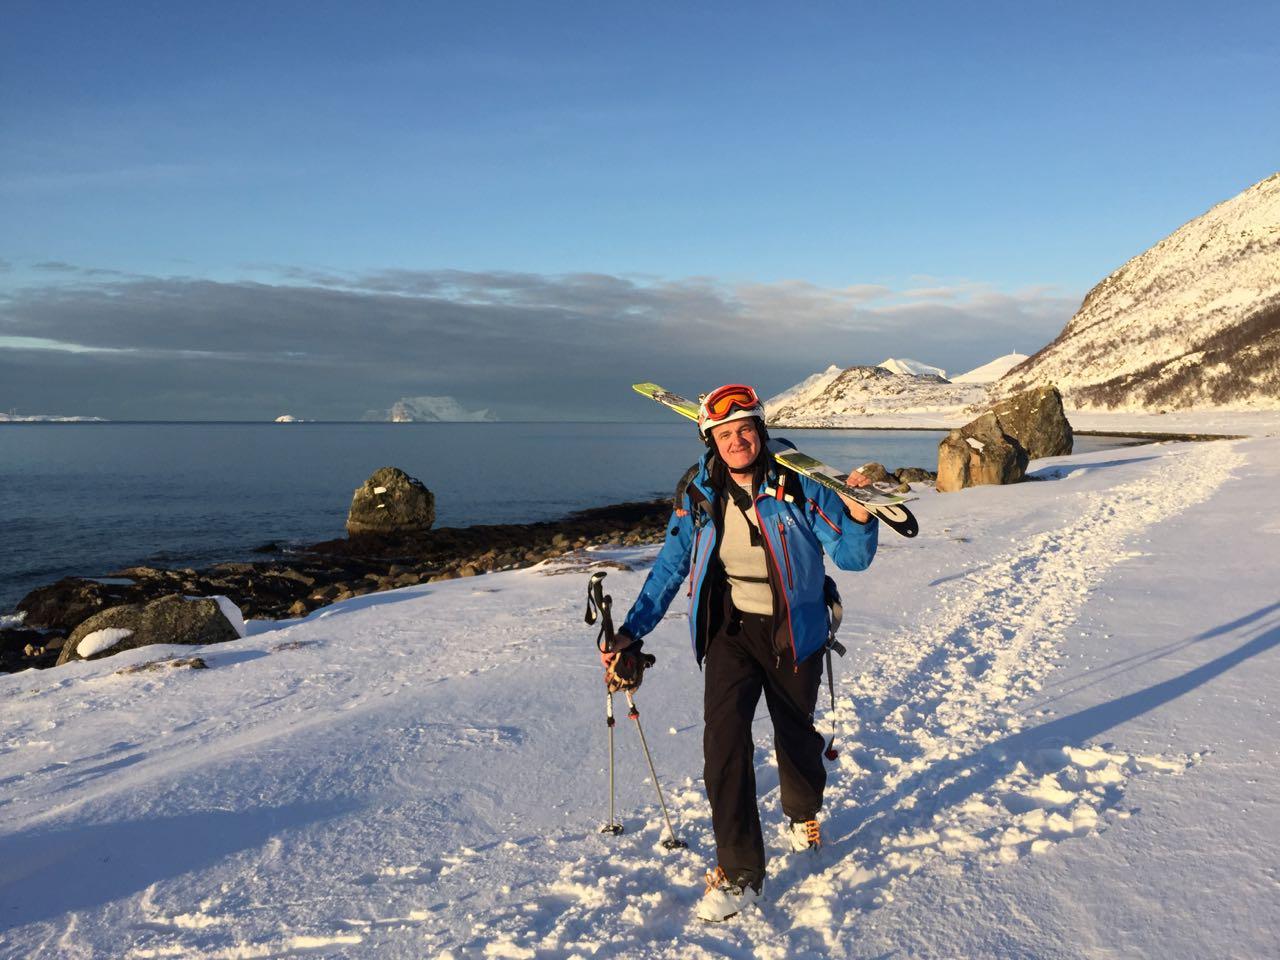 Zurück am Strand nach der Skiabfahrt vom Russelvfjellet - Lyngen Alps Norway